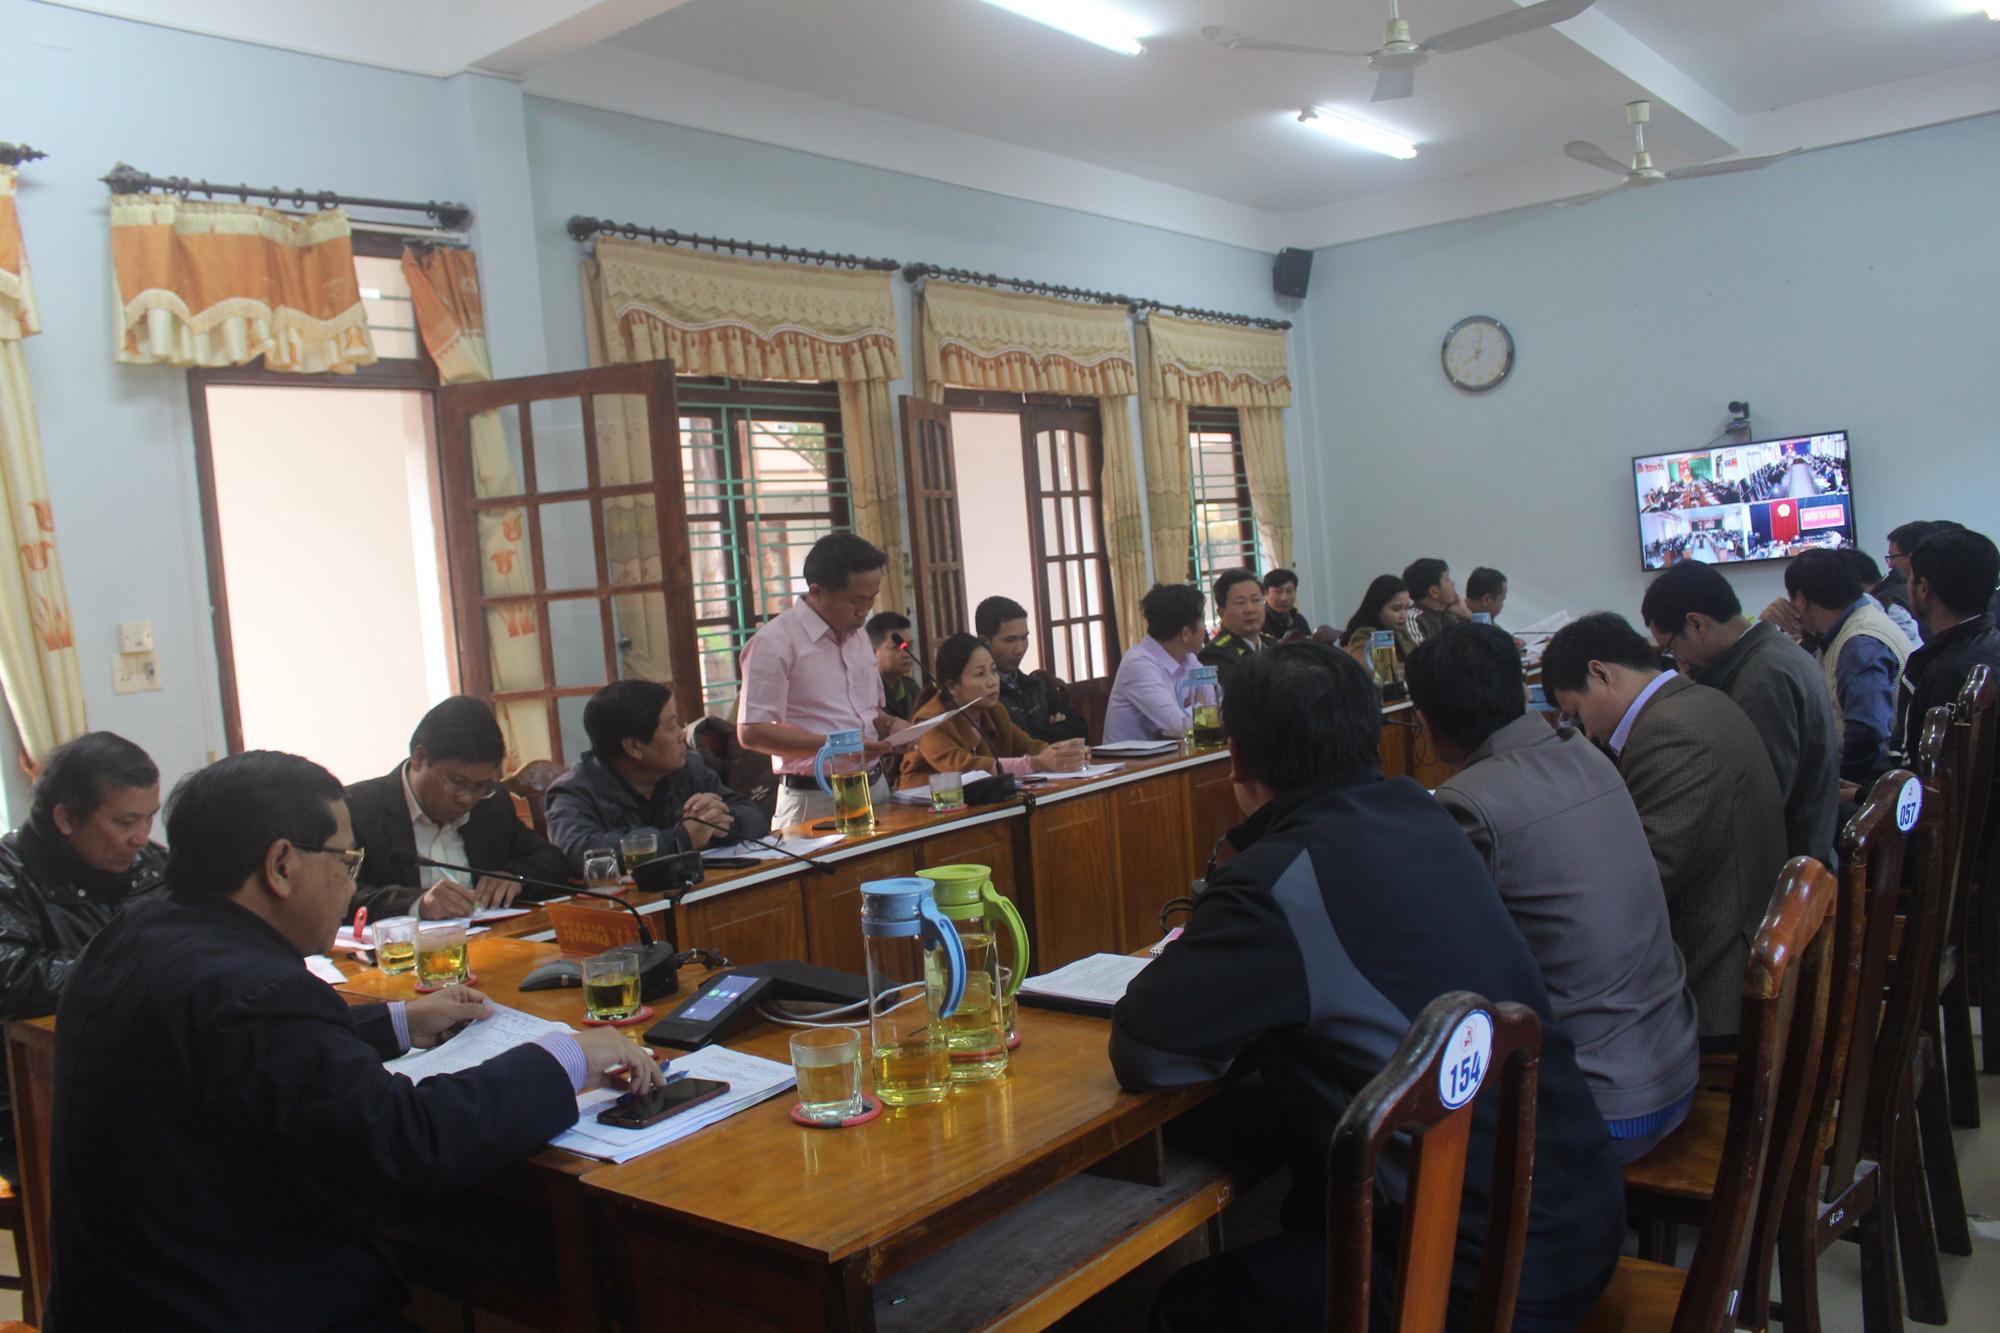 Quảng Nam: Các huyện miền núi gặp khó khăn trong việc xây dựng chính quyền điện tử - Ảnh 1.